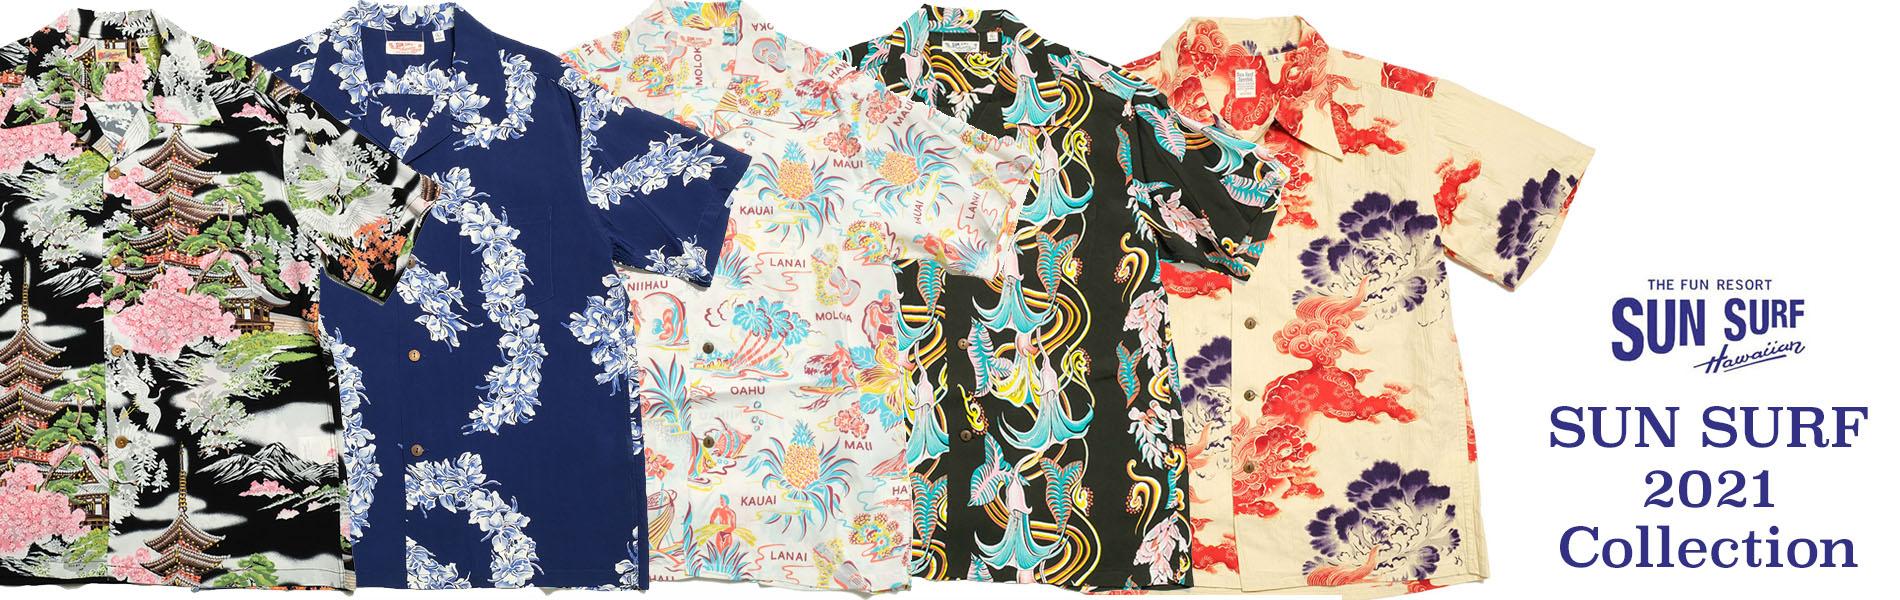 SUN SURF Hawaiian Shirts 2021 サンサーフアロハシャツ